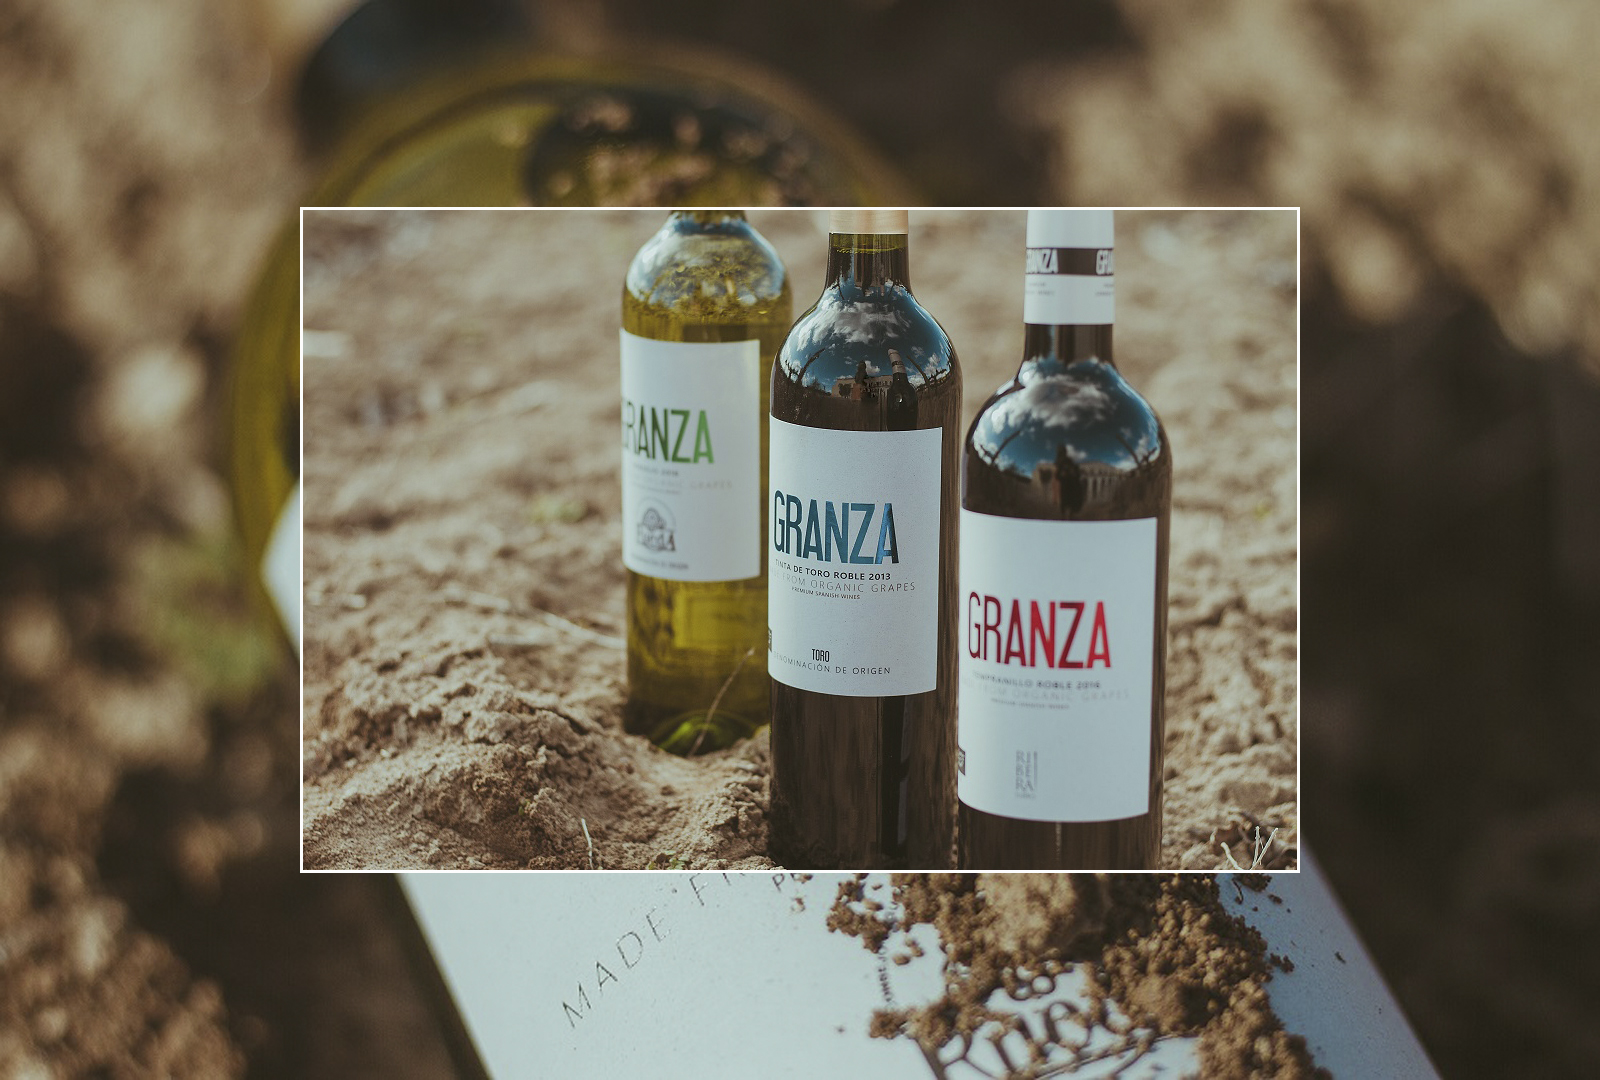 vinos ecológicos granza